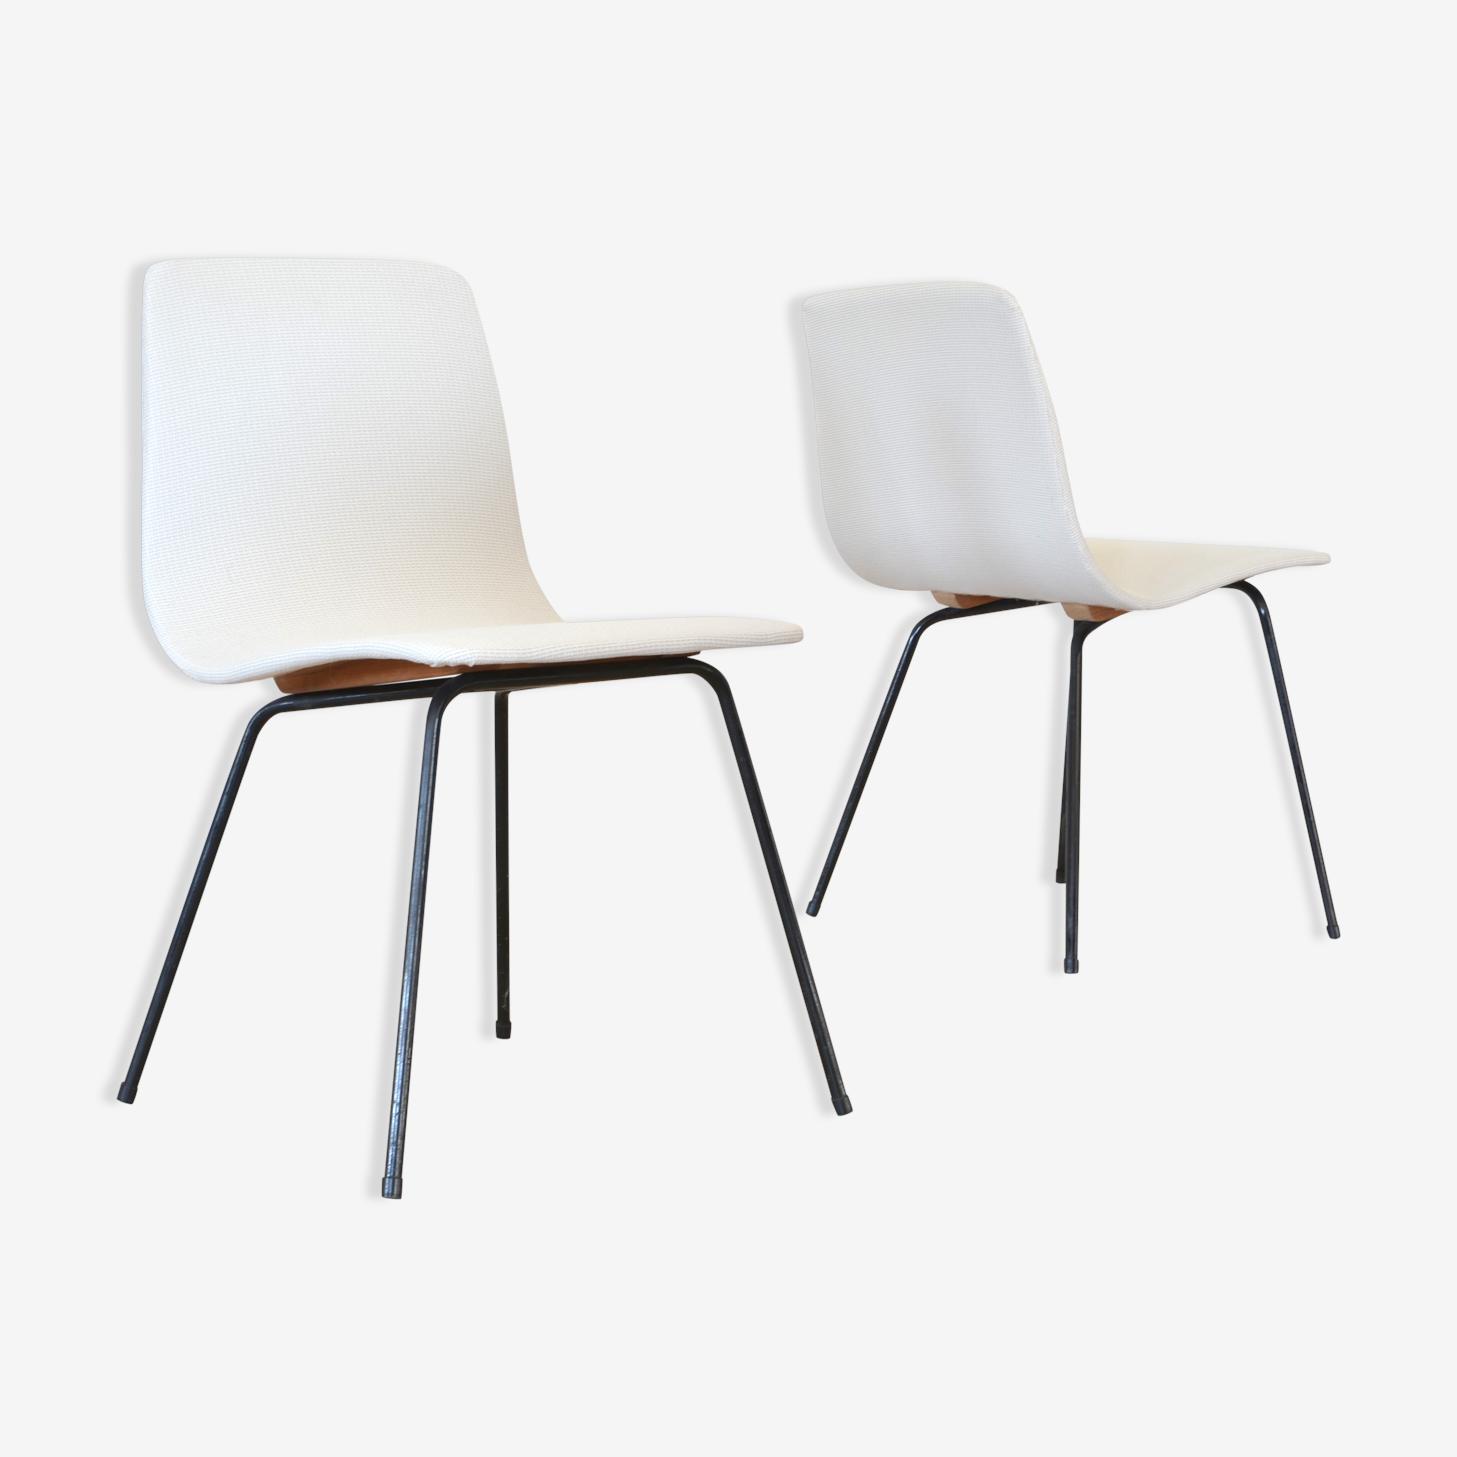 """Paire de chaises """"papyrus"""" de Pierre Guariche Steiner 1950"""